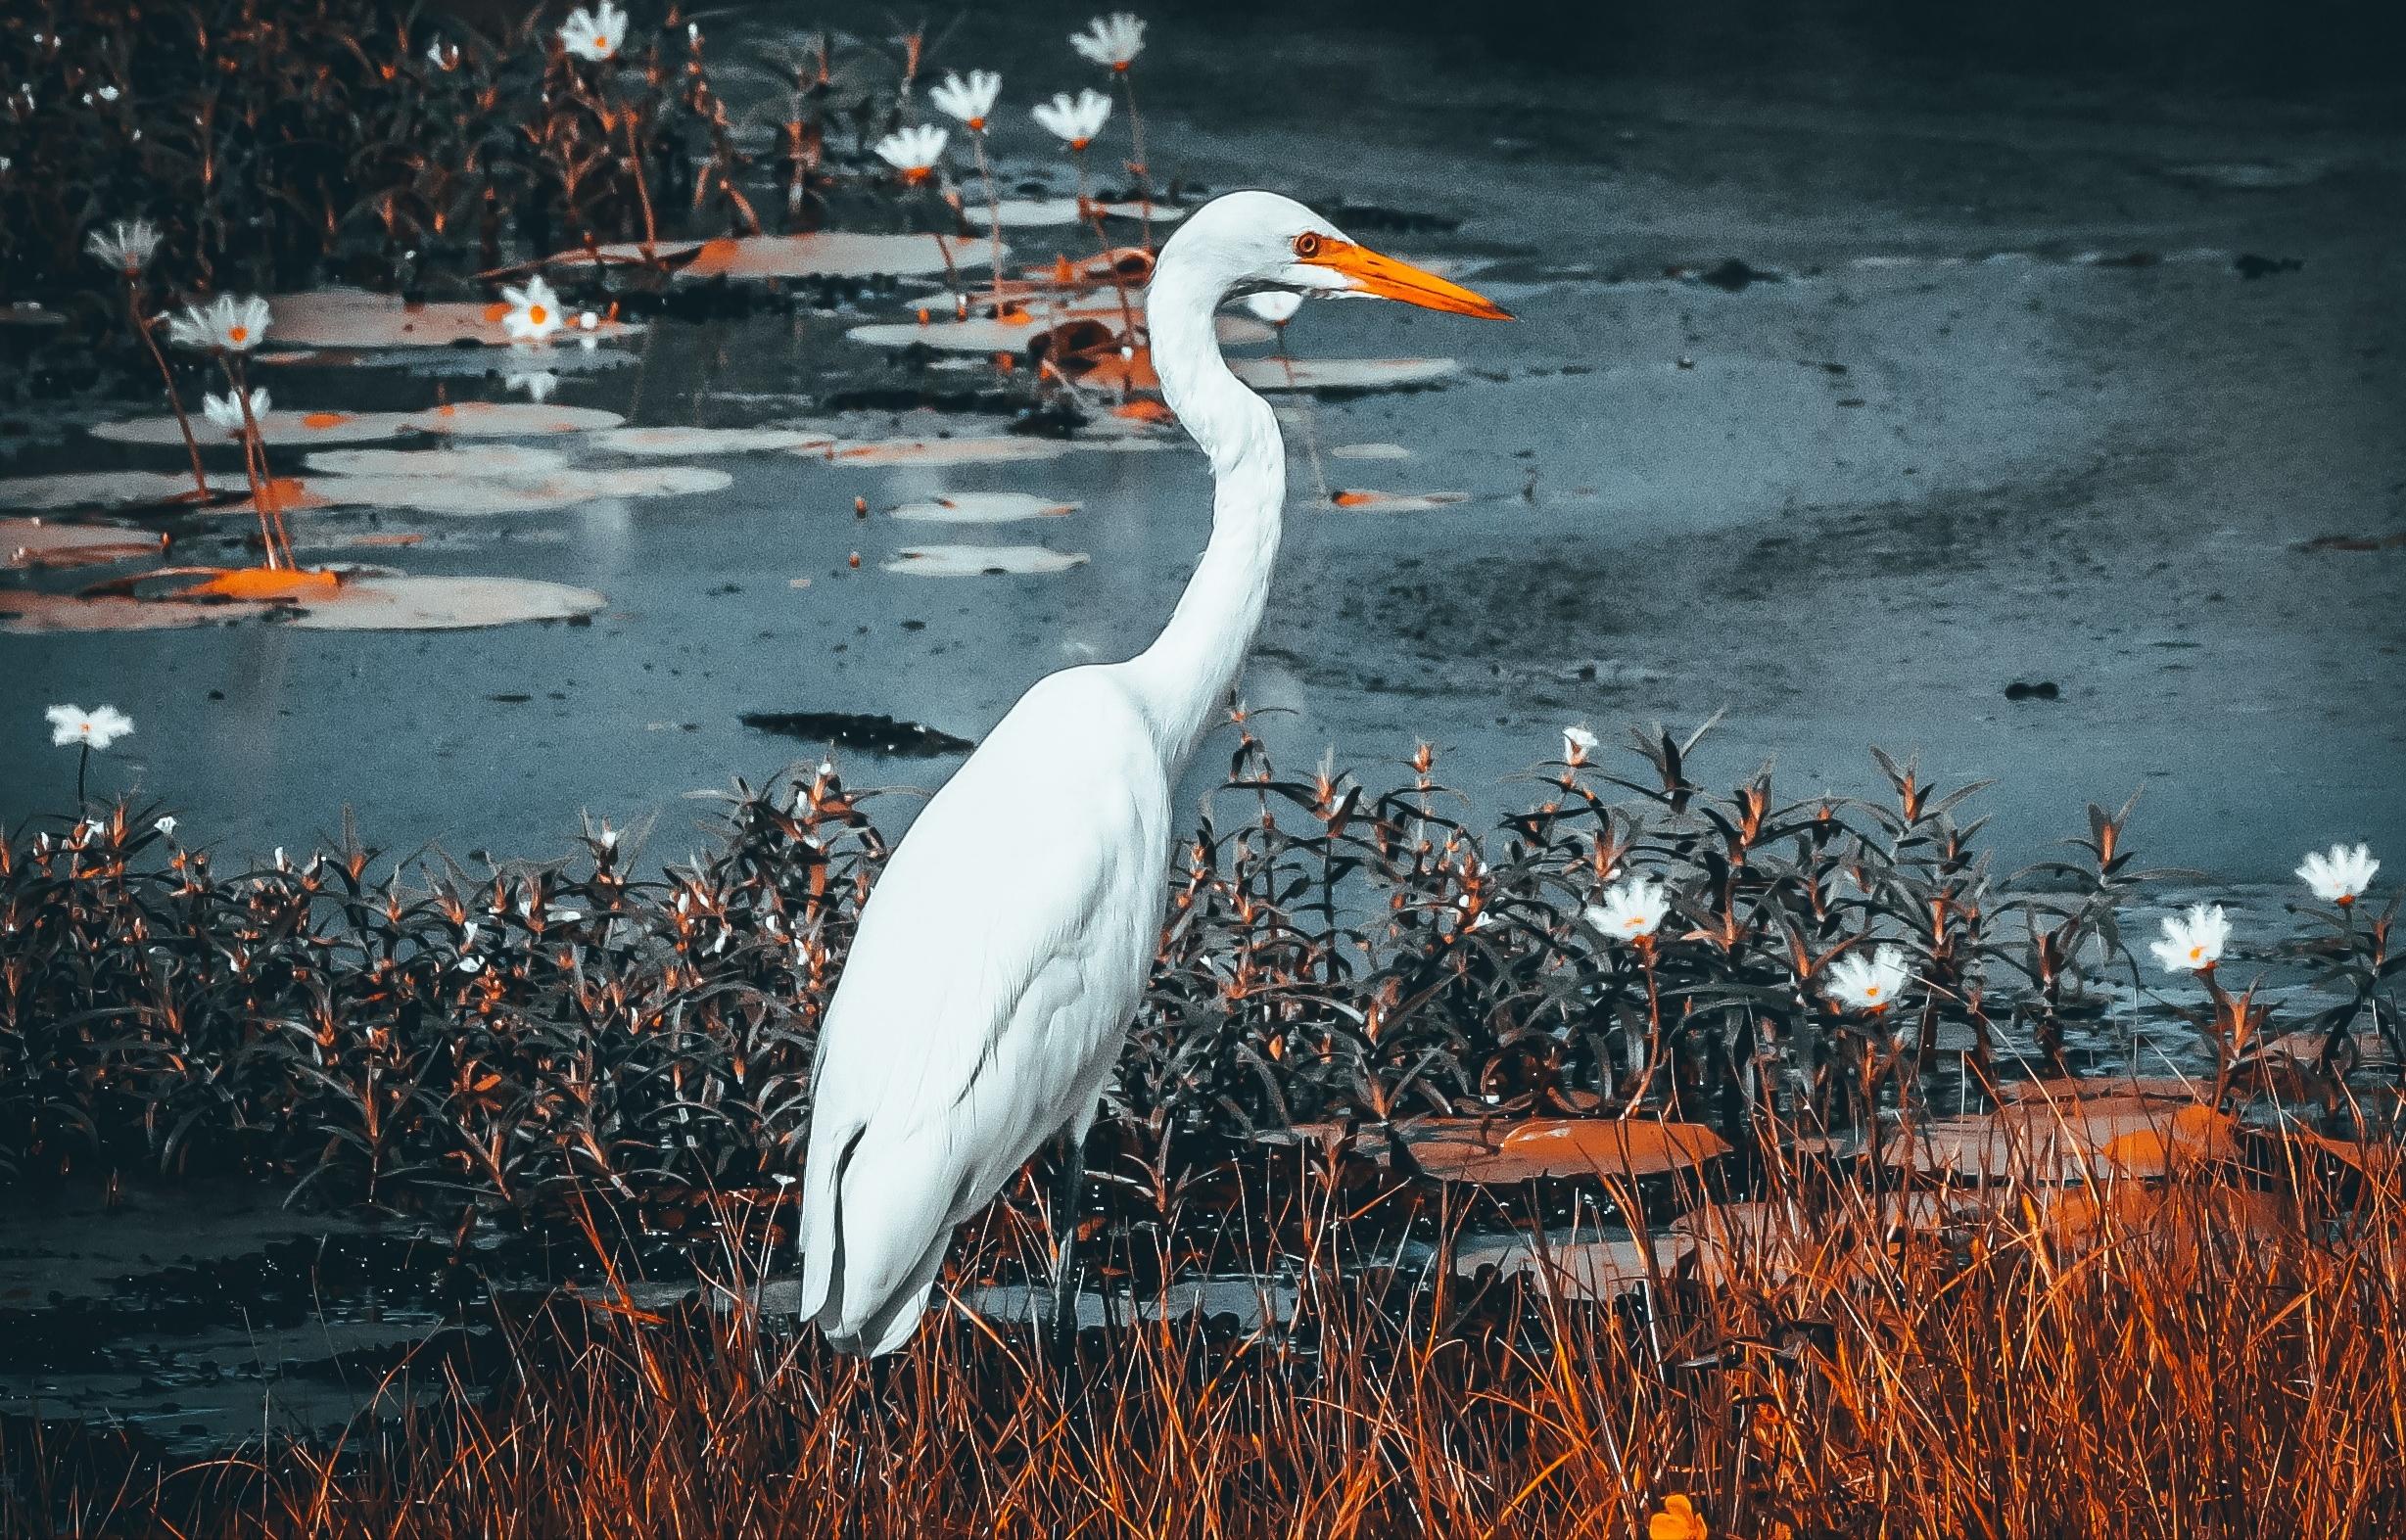 bird near a lake